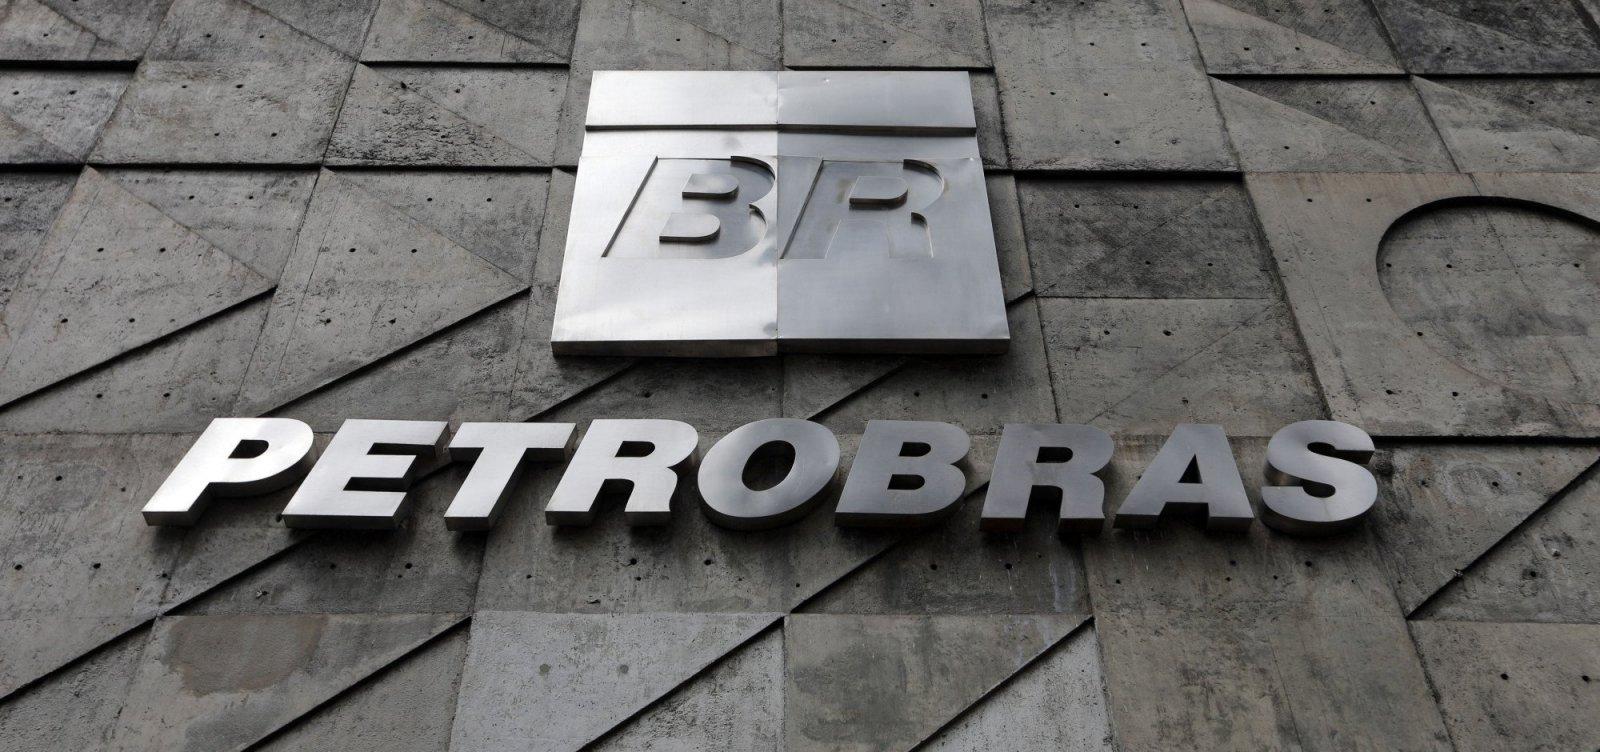 Petrobras vende refinaria Refinaria Landulpho Alves por US$ 1,65 bilhão